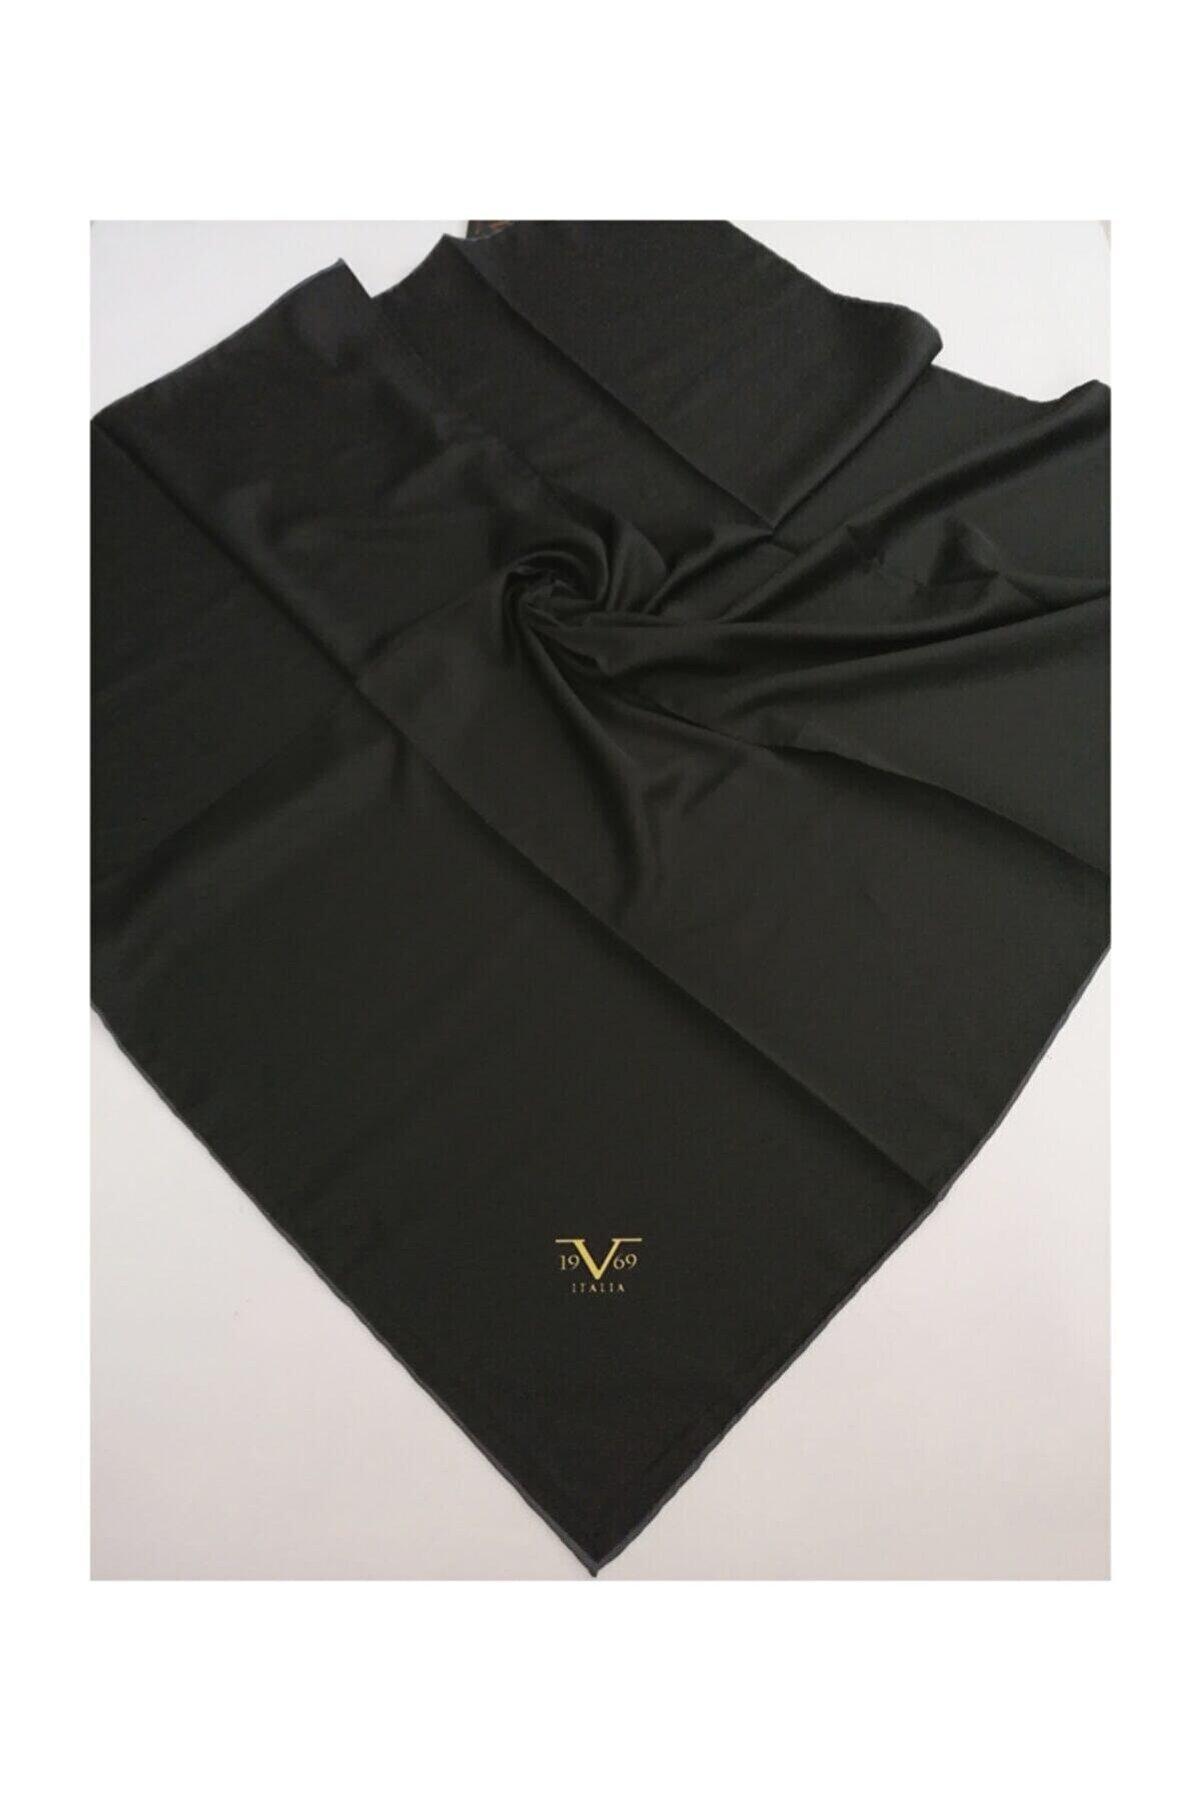 19V69 ITALIA Kadın Siyah Twill Eşarp Black Seri 90x90 cm Eşarp Askısı İle Birlikte 10347-v43